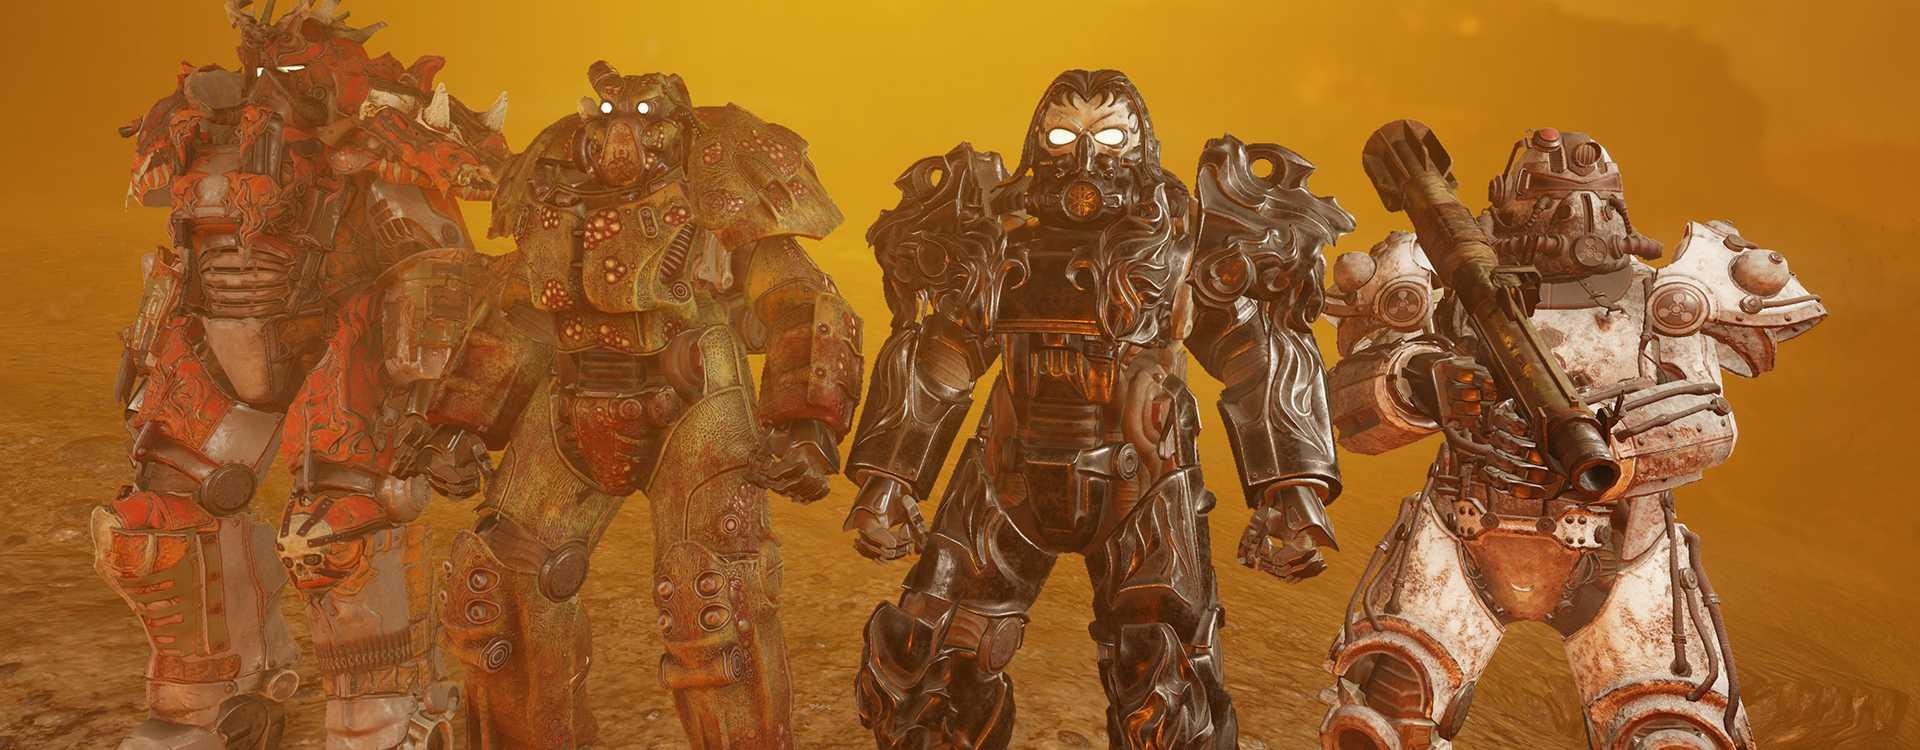 Fallout 76 bringt die 3 coolsten und den enttäuschendsten Skins zurück, aber nur kurz